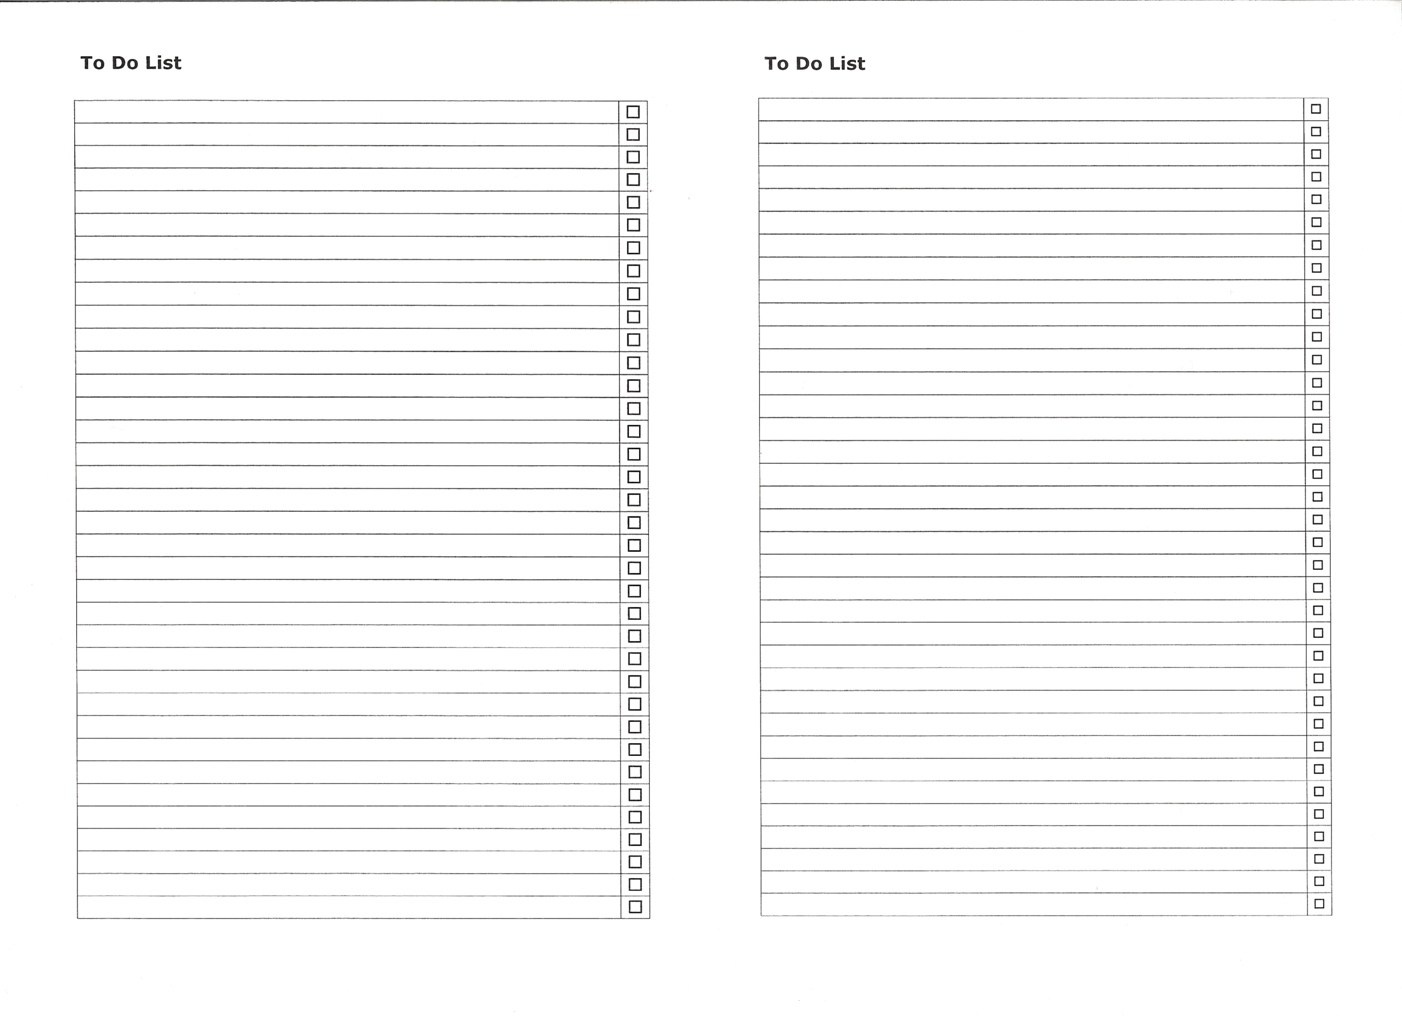 Numbered List Template. Sv Dragonheart 39 S Gran Adventura Lists I - Free Printable Numbered List